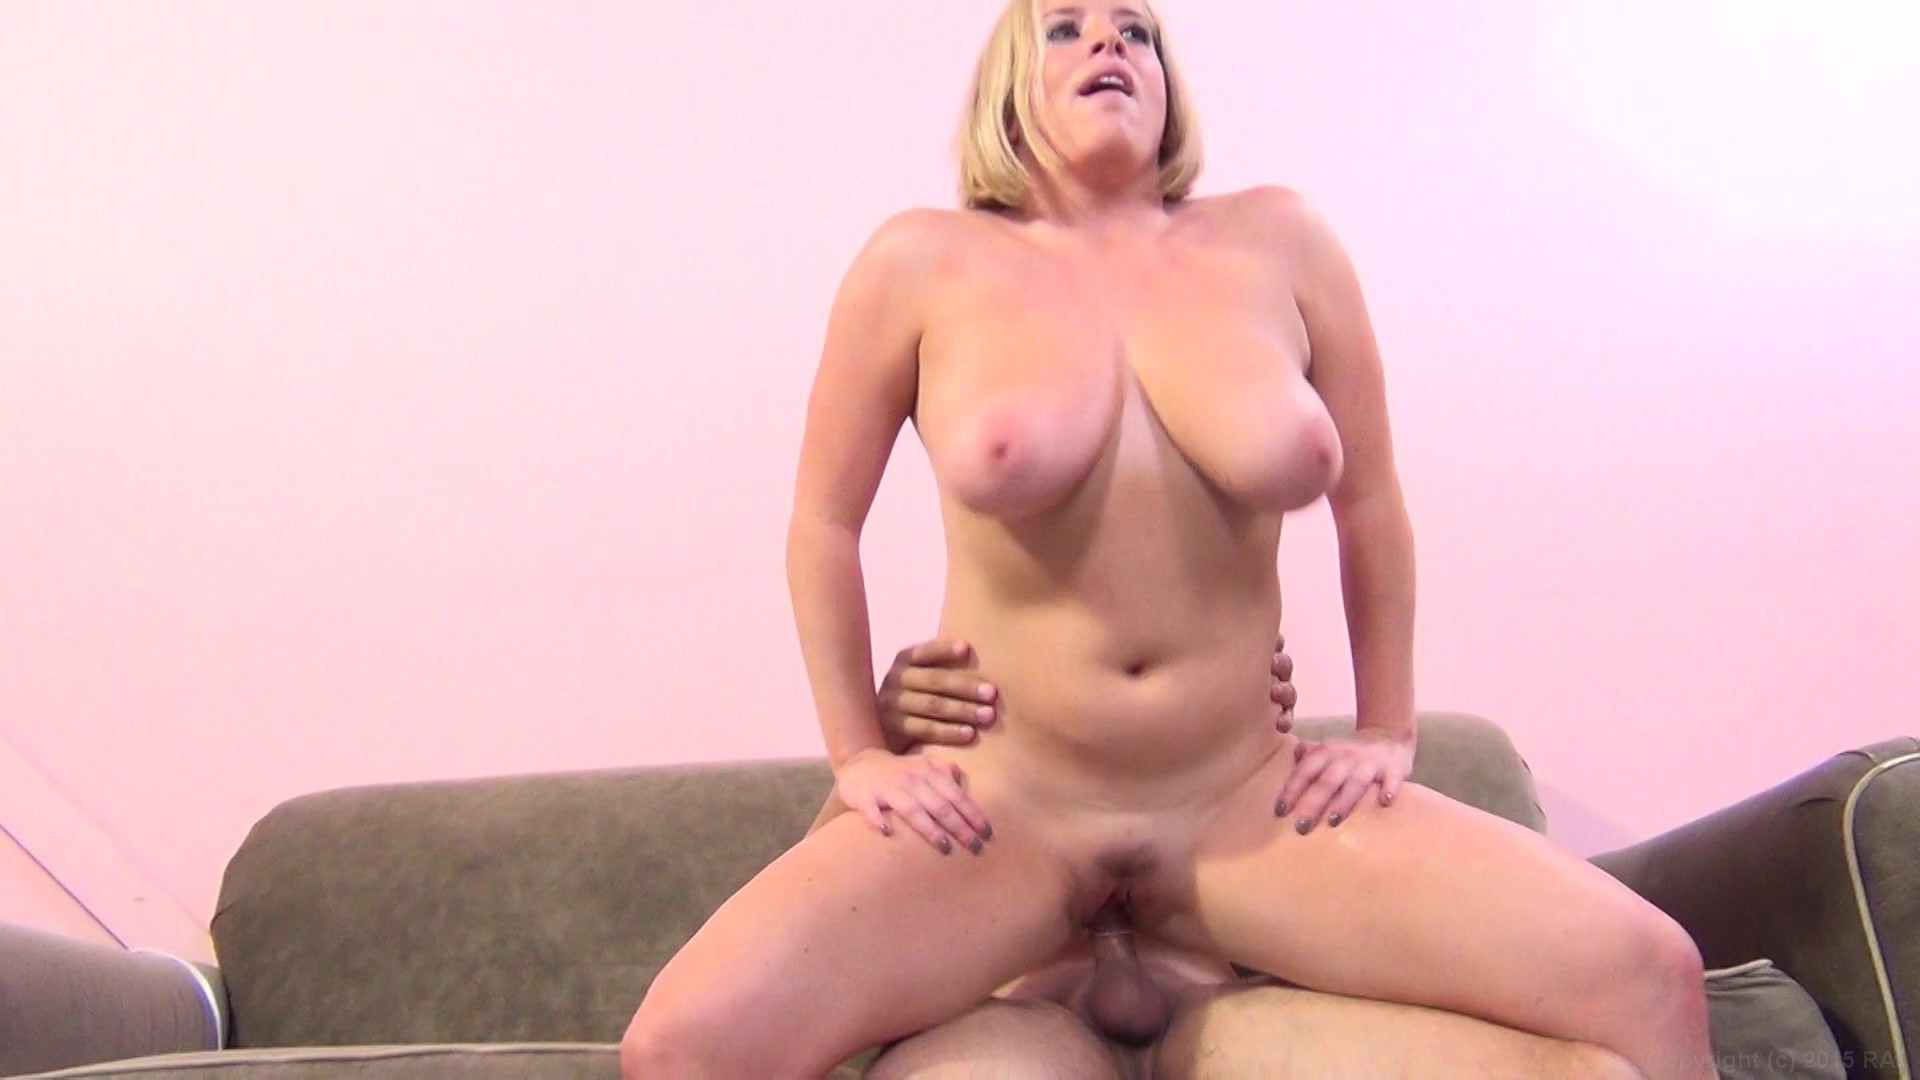 Big titter wants a cock